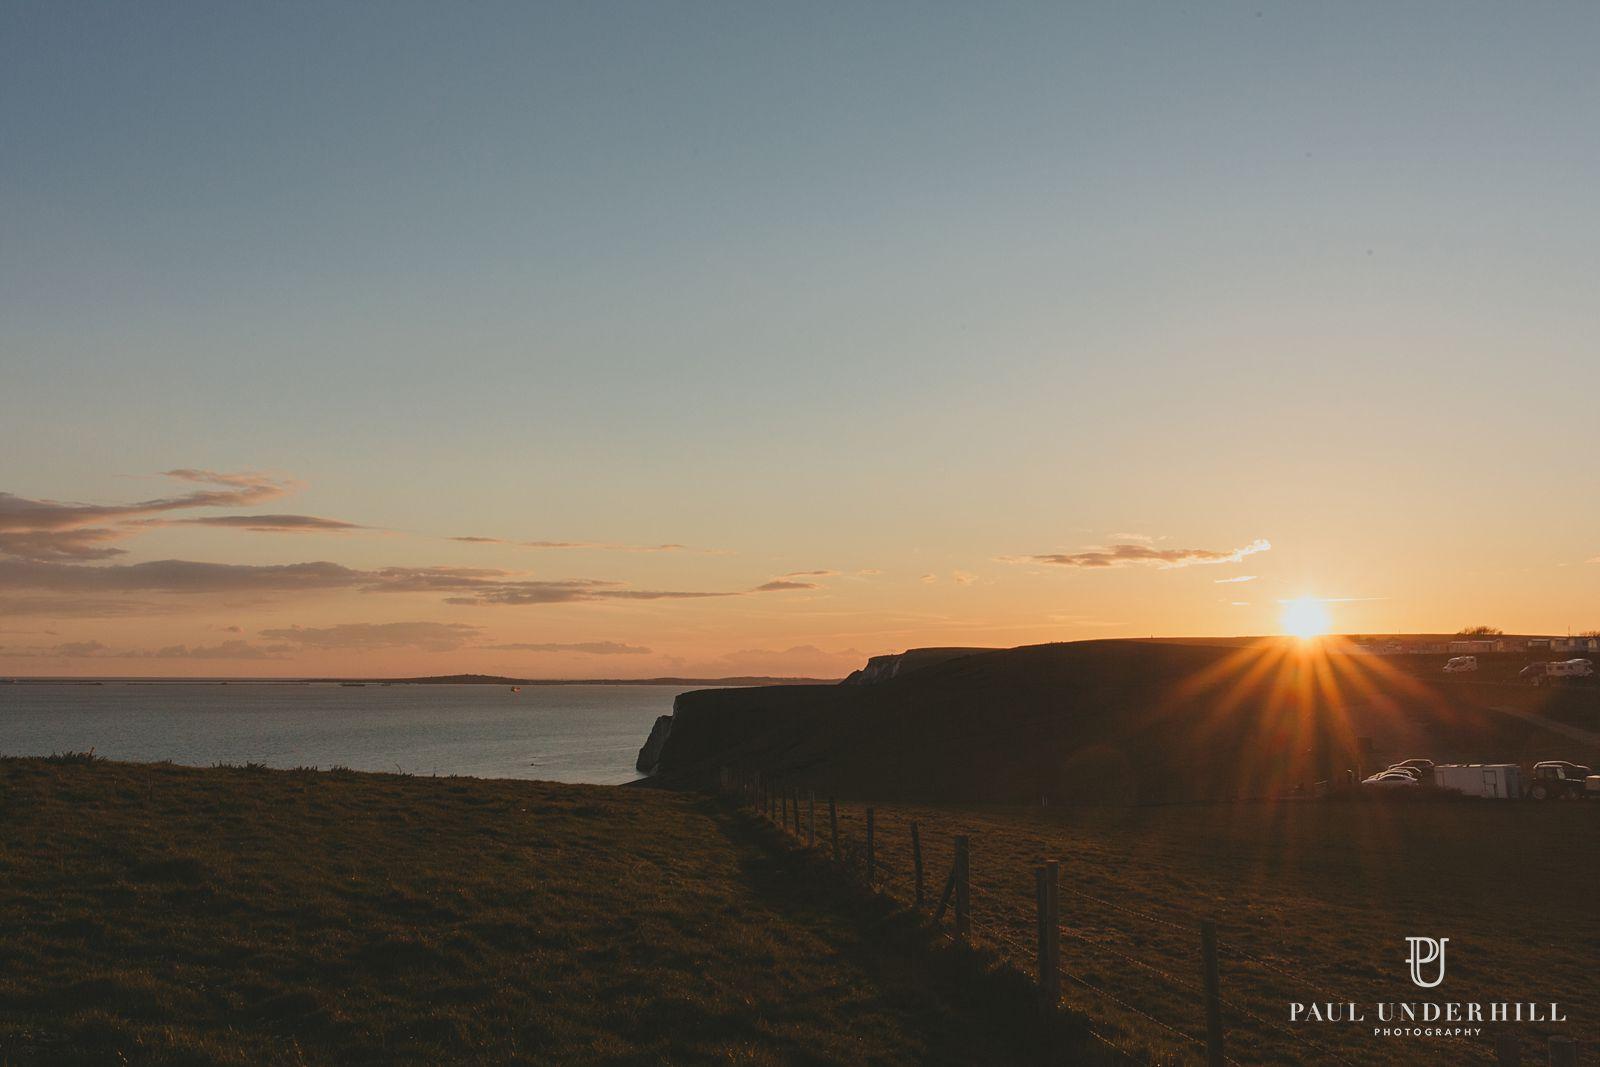 Sunset over fields in Dorset